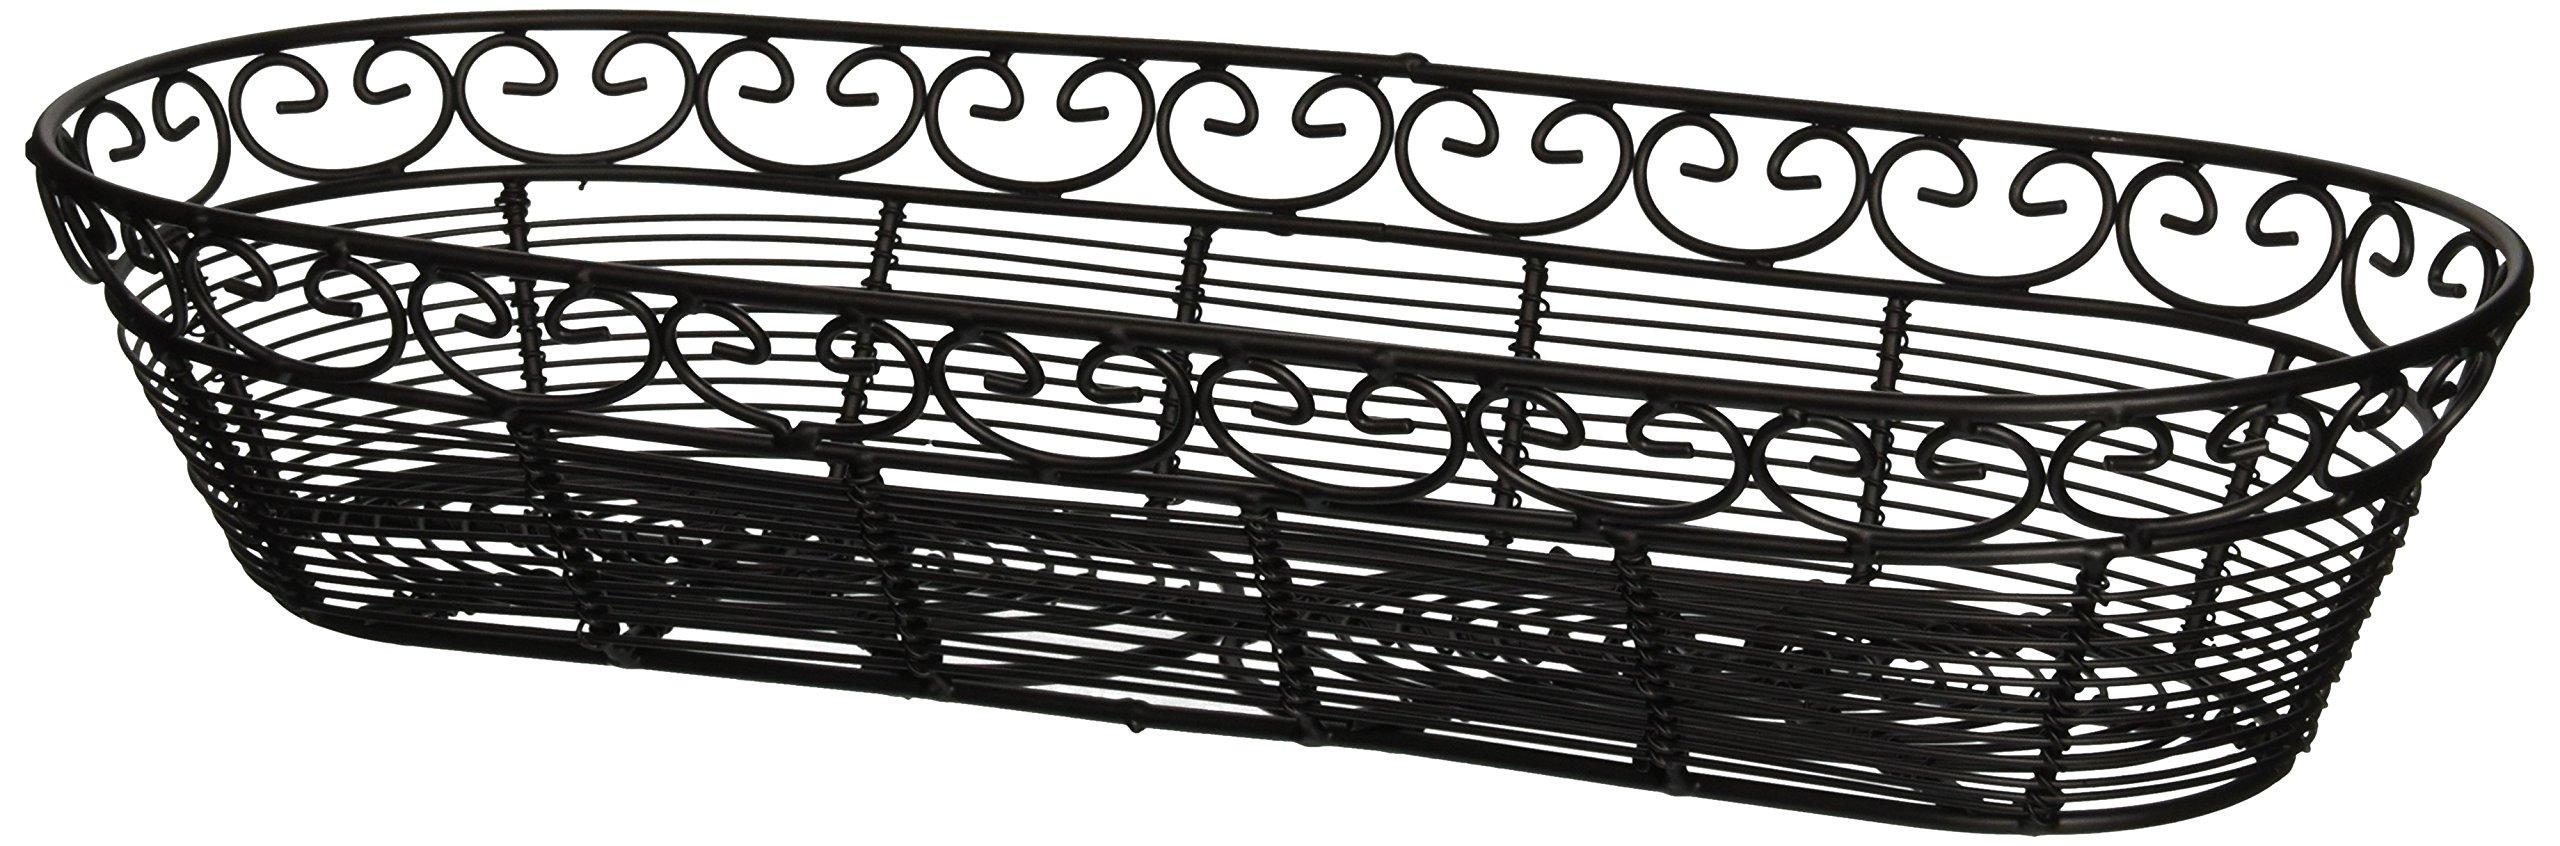 Tablecraft (BK21815) 15'' Oblong Mediterranean Series Basket